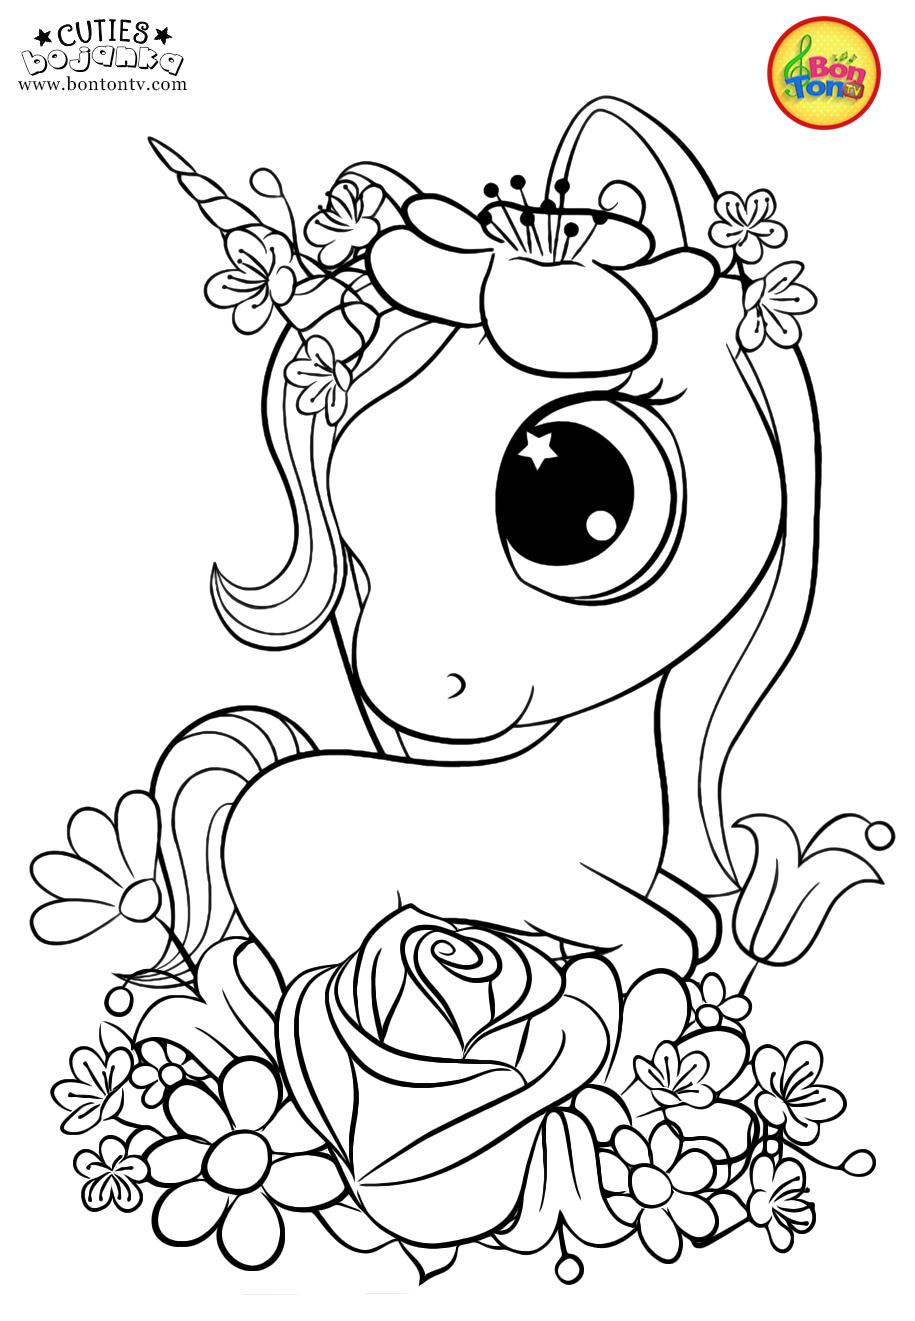 Cuties Coloring Pages For Kids Free Preschool Printables Slatkice Bojanke Cute Animal Mermaid Coloring Pages Unicorn Coloring Pages Animal Coloring Pages